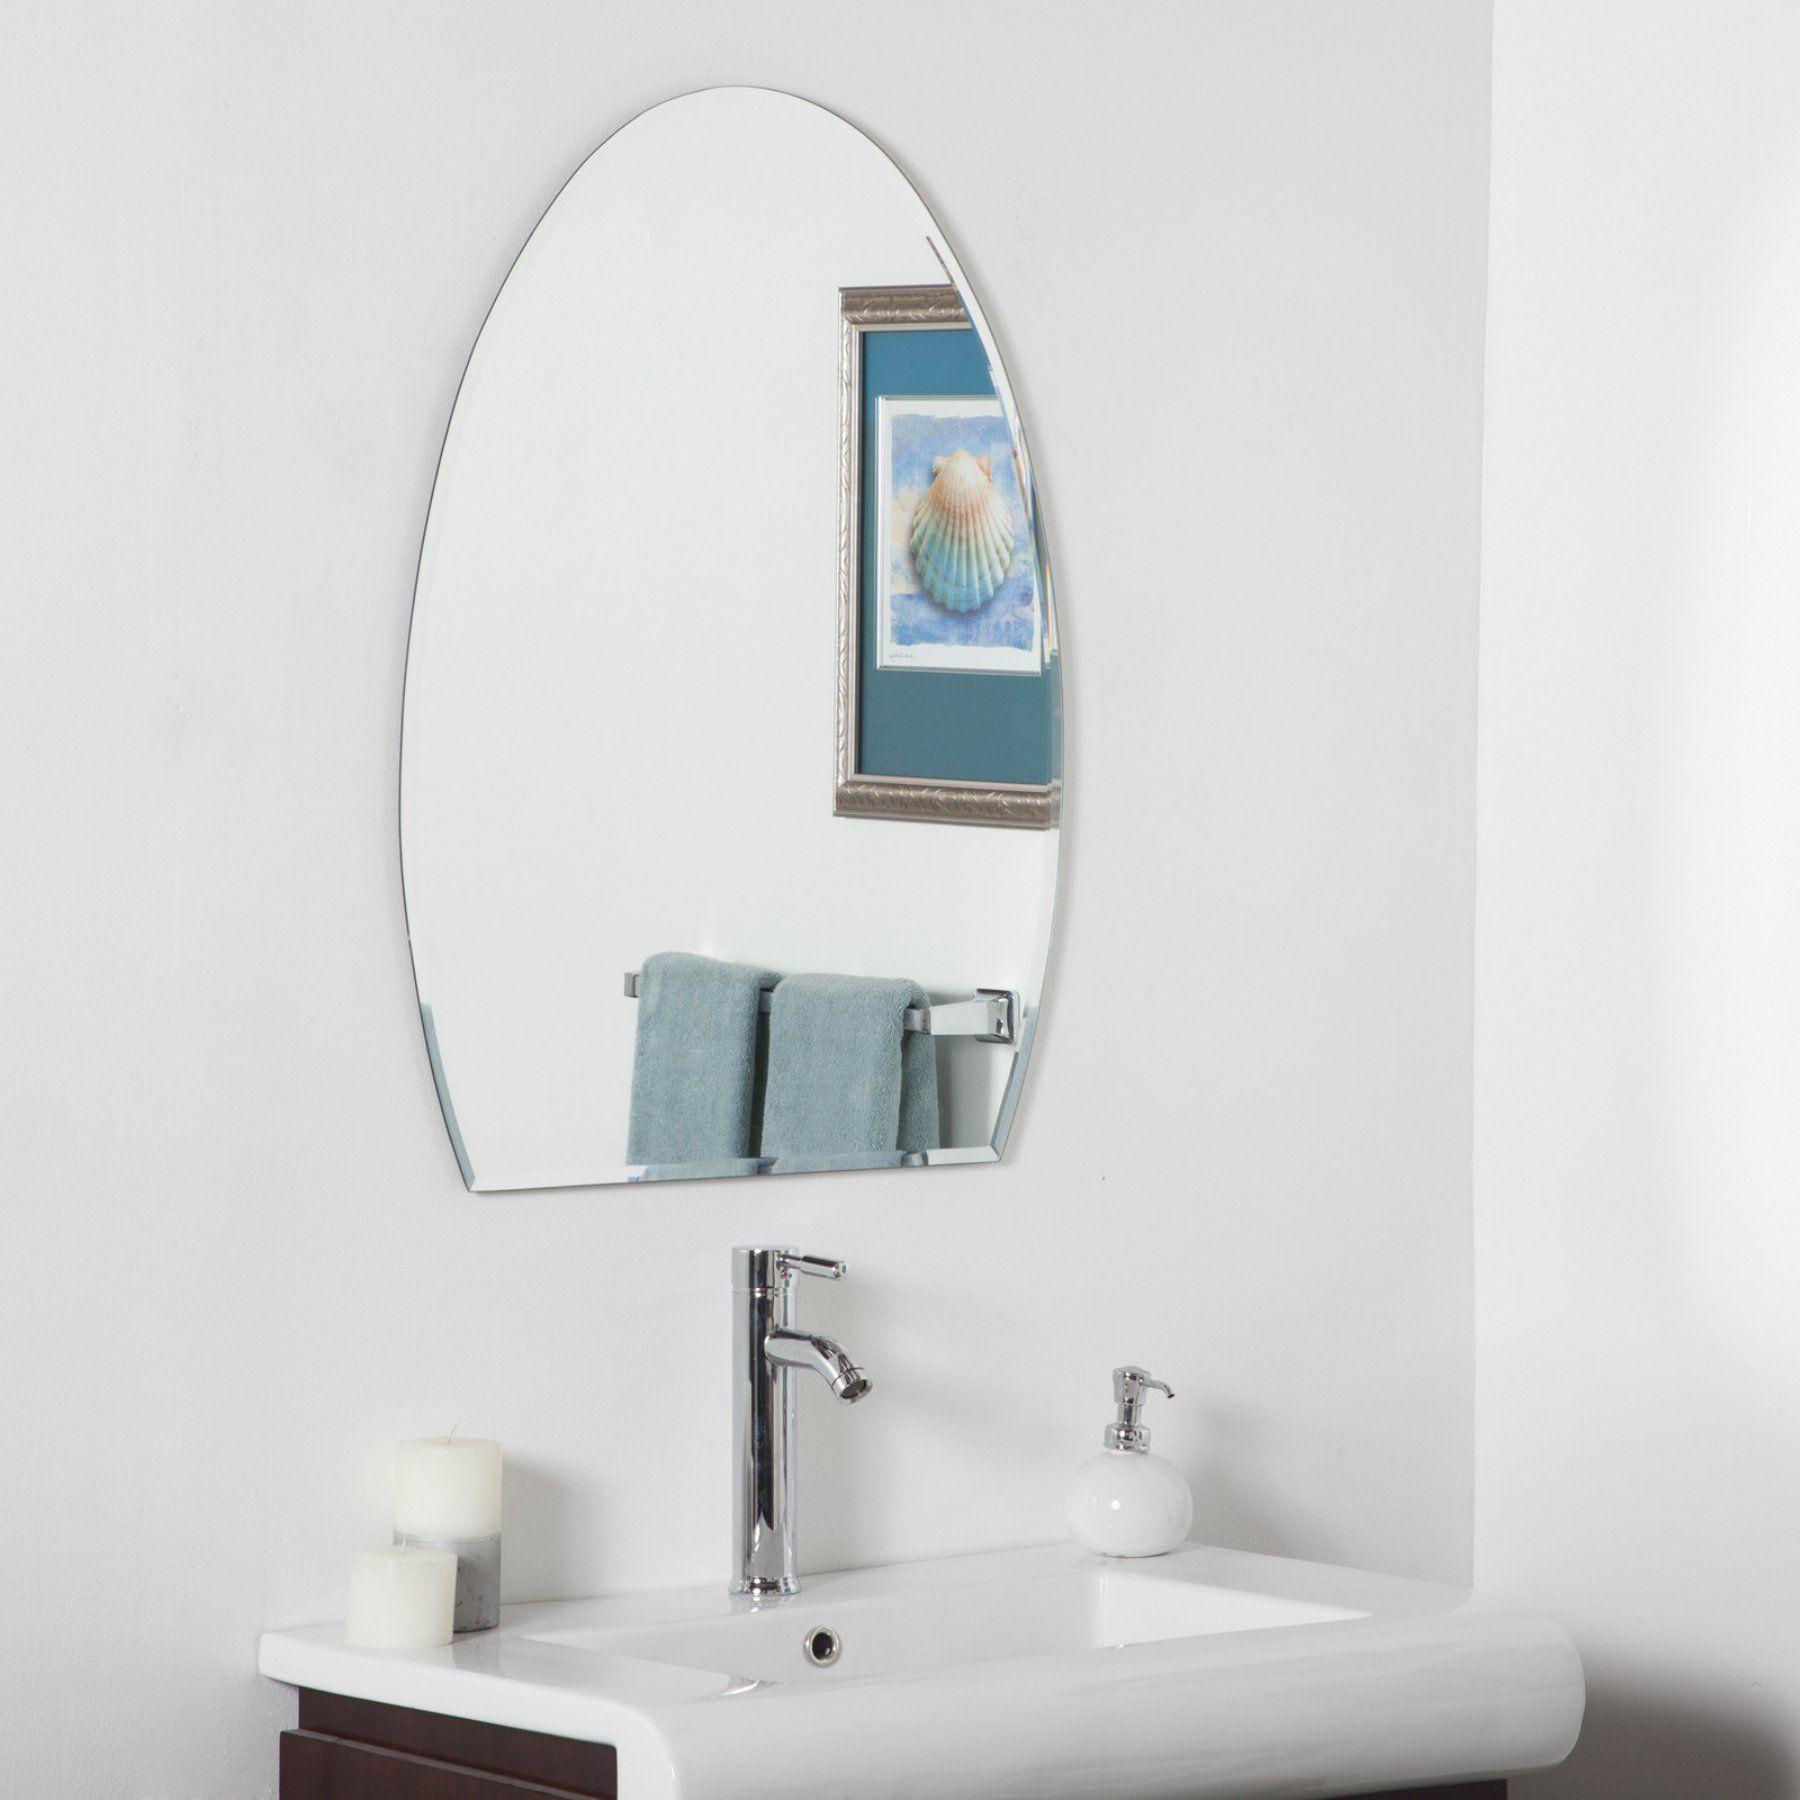 Décor Wonderland Sena Modern Bathroom Wall Mirror - 24W x 32H in ...